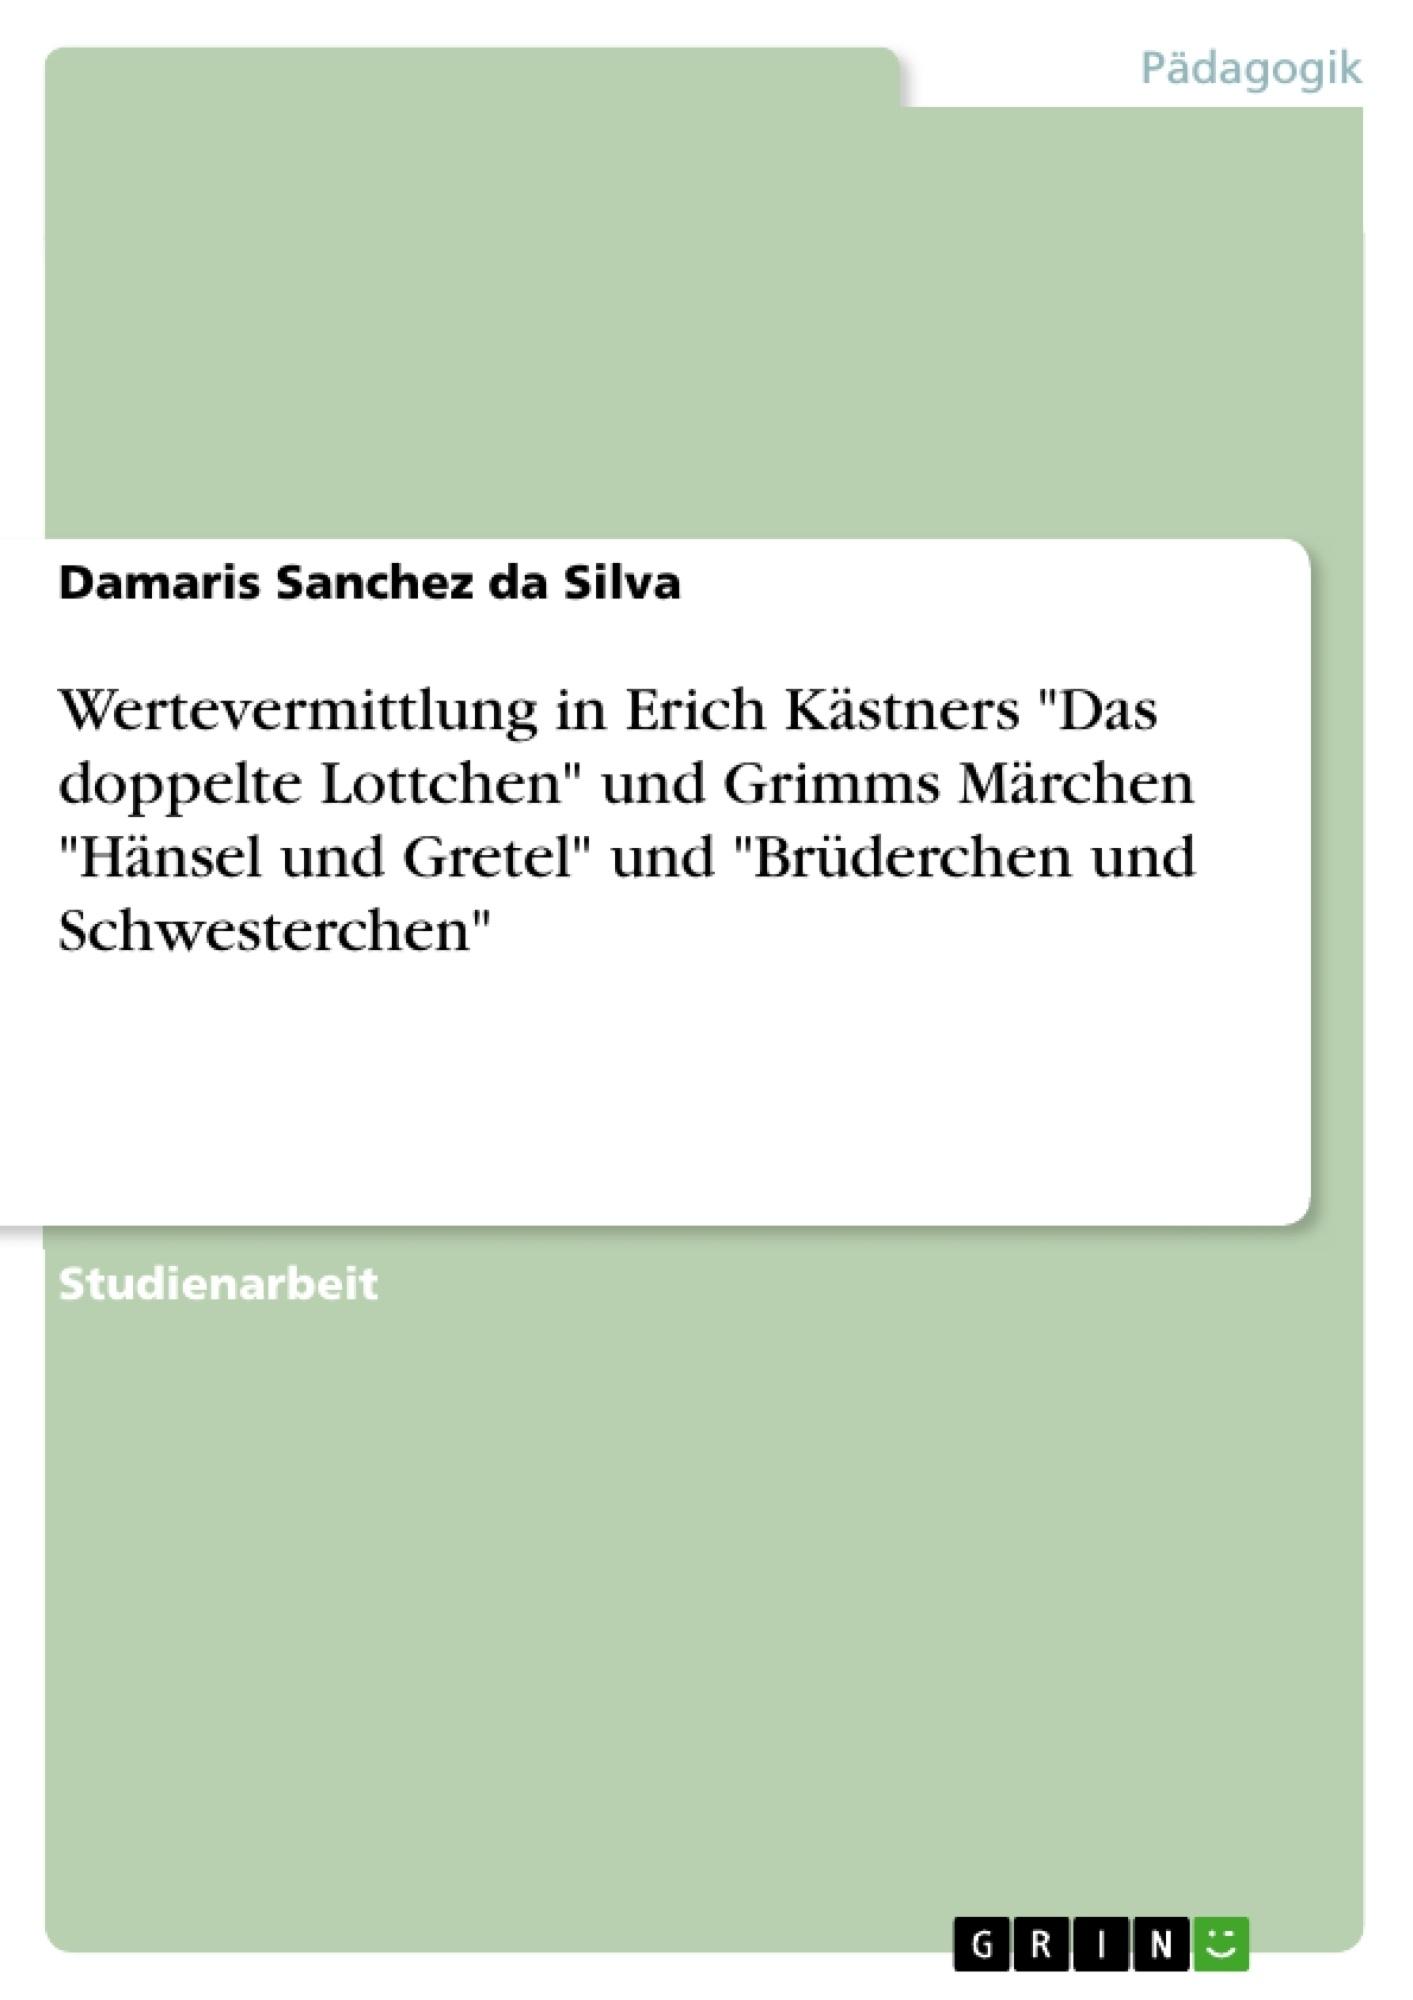 """Titel: Wertevermittlung in Erich Kästners """"Das doppelte Lottchen"""" und  Grimms Märchen """"Hänsel und Gretel"""" und """"Brüderchen und Schwesterchen"""""""